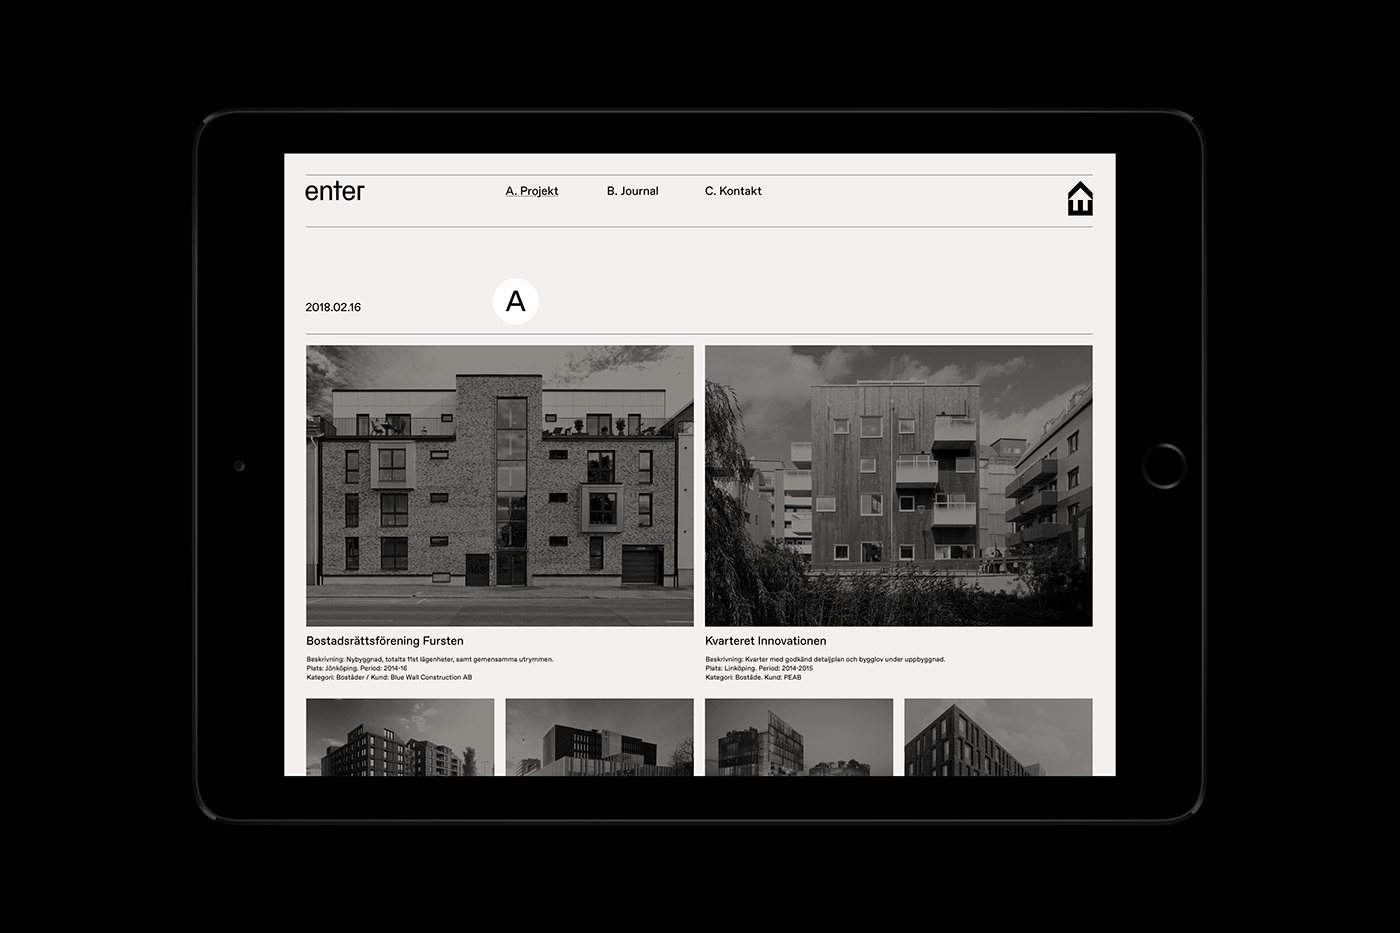 Enter Arkitektur